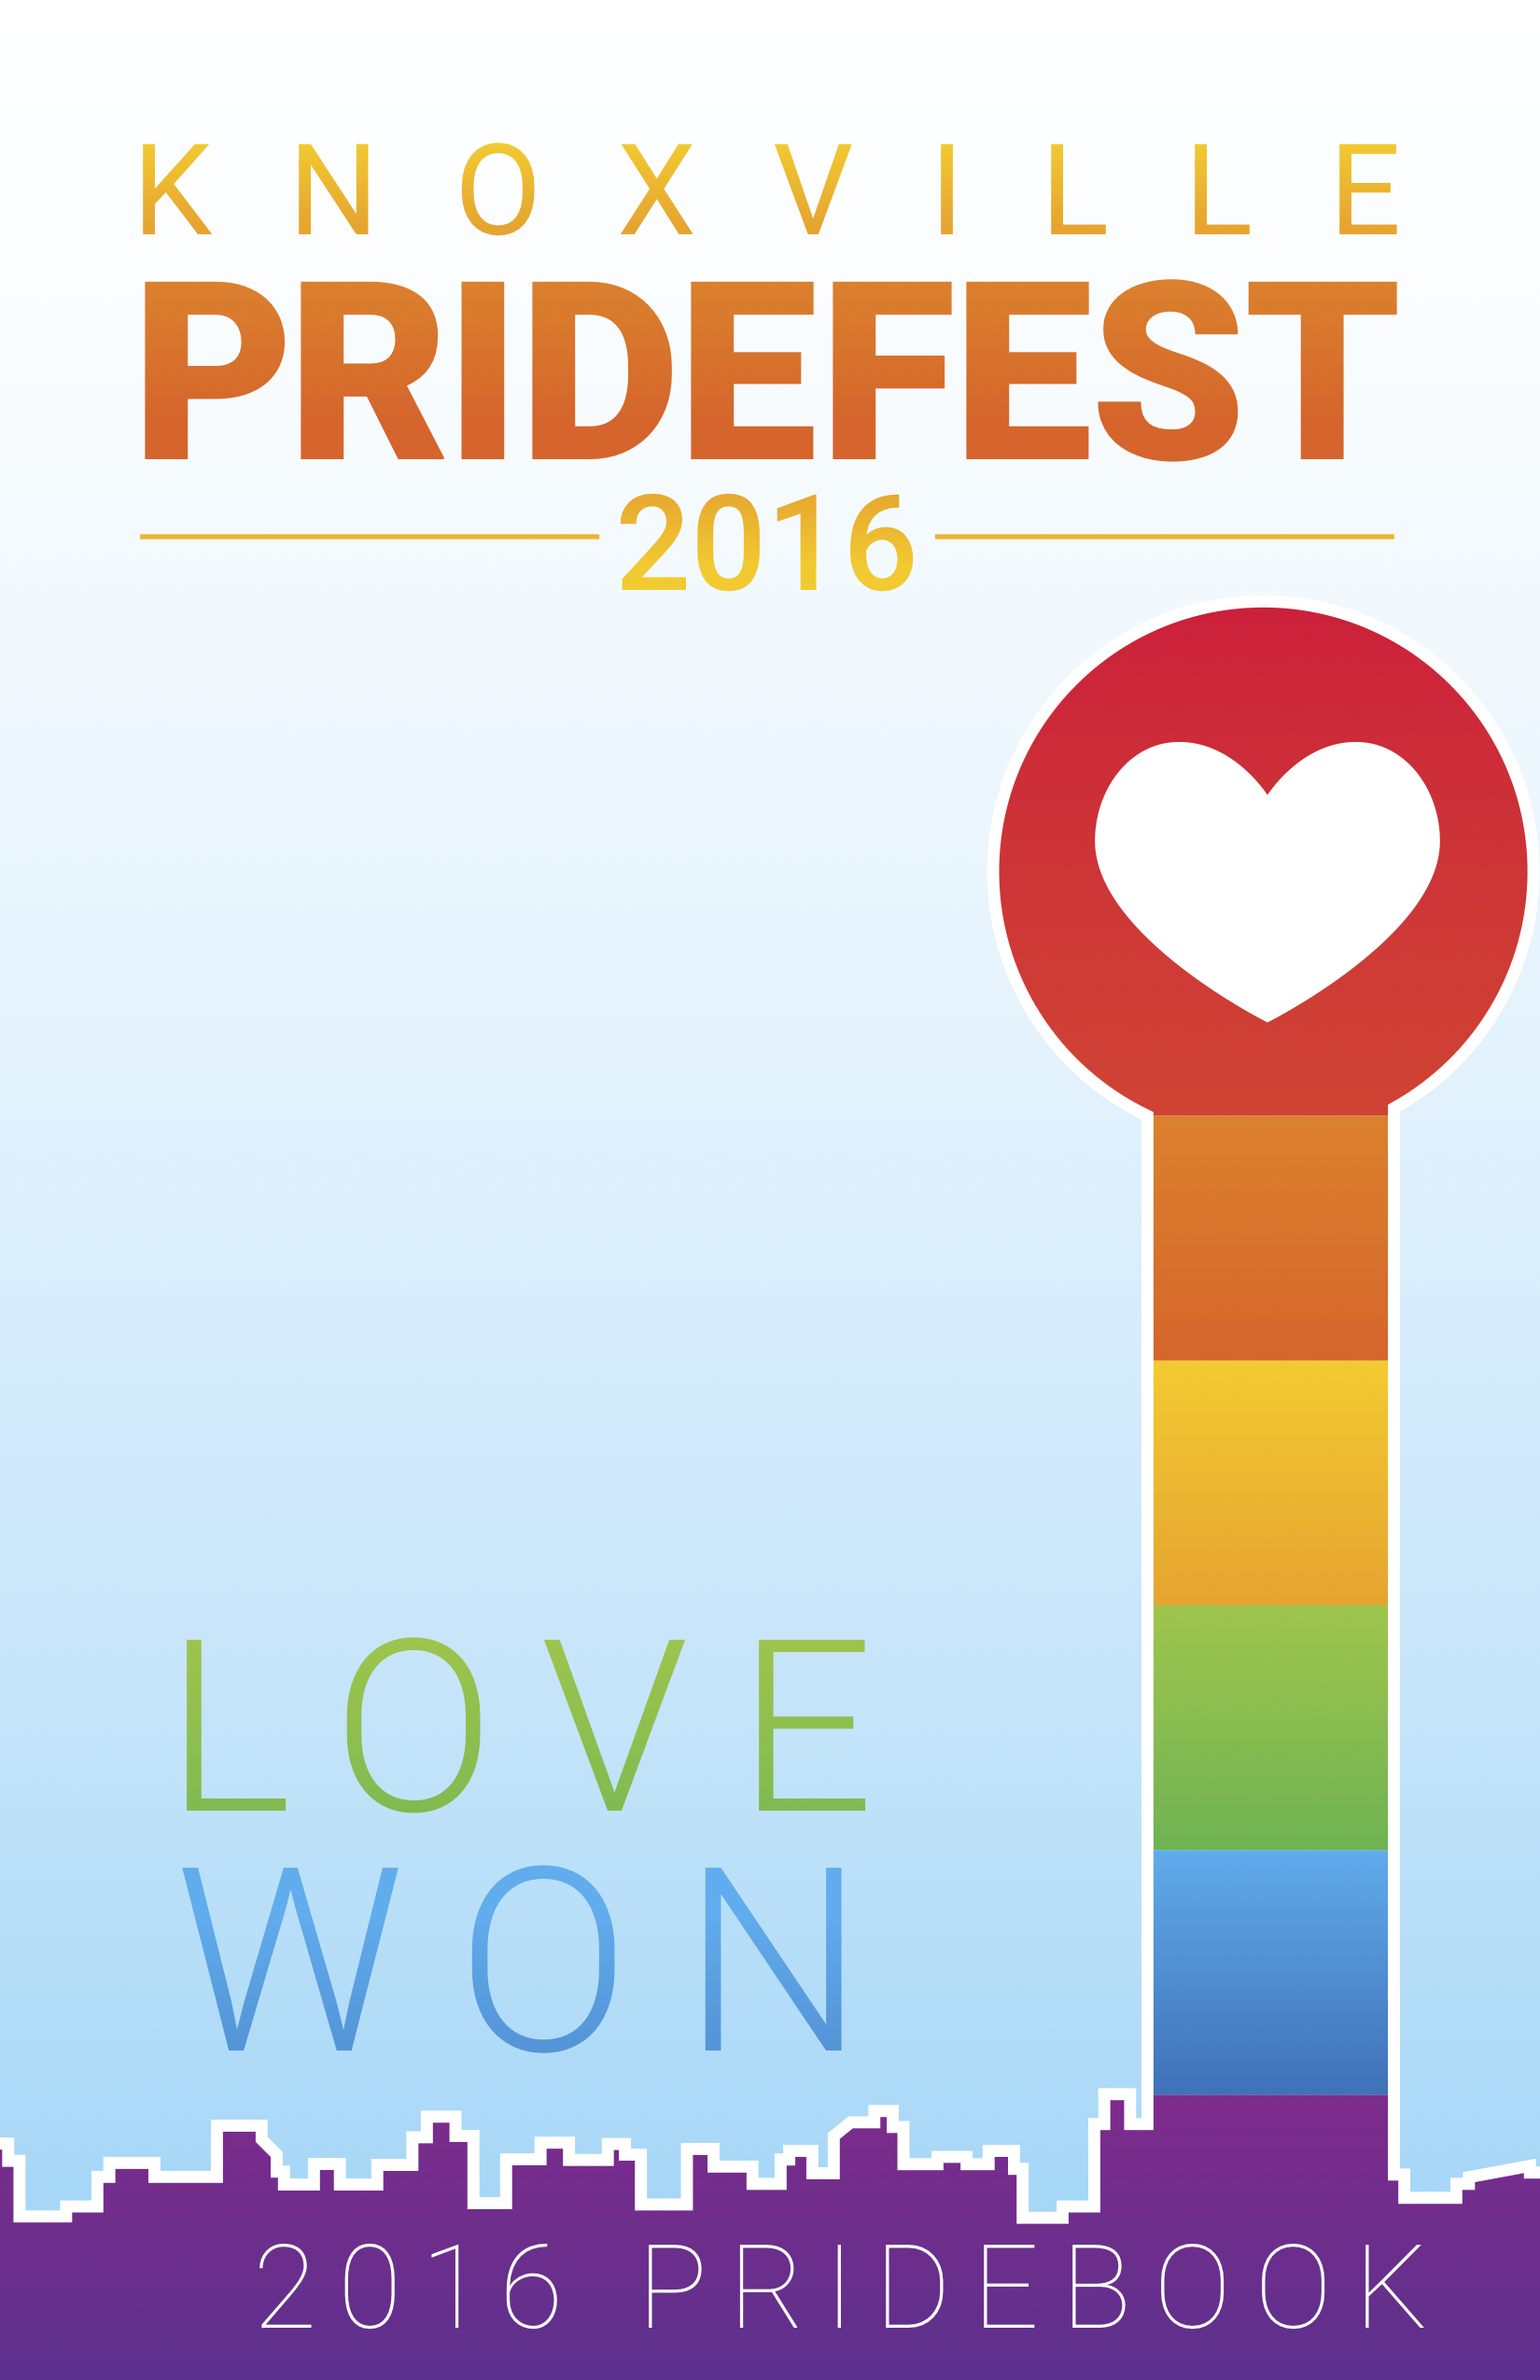 2016 Pridebook